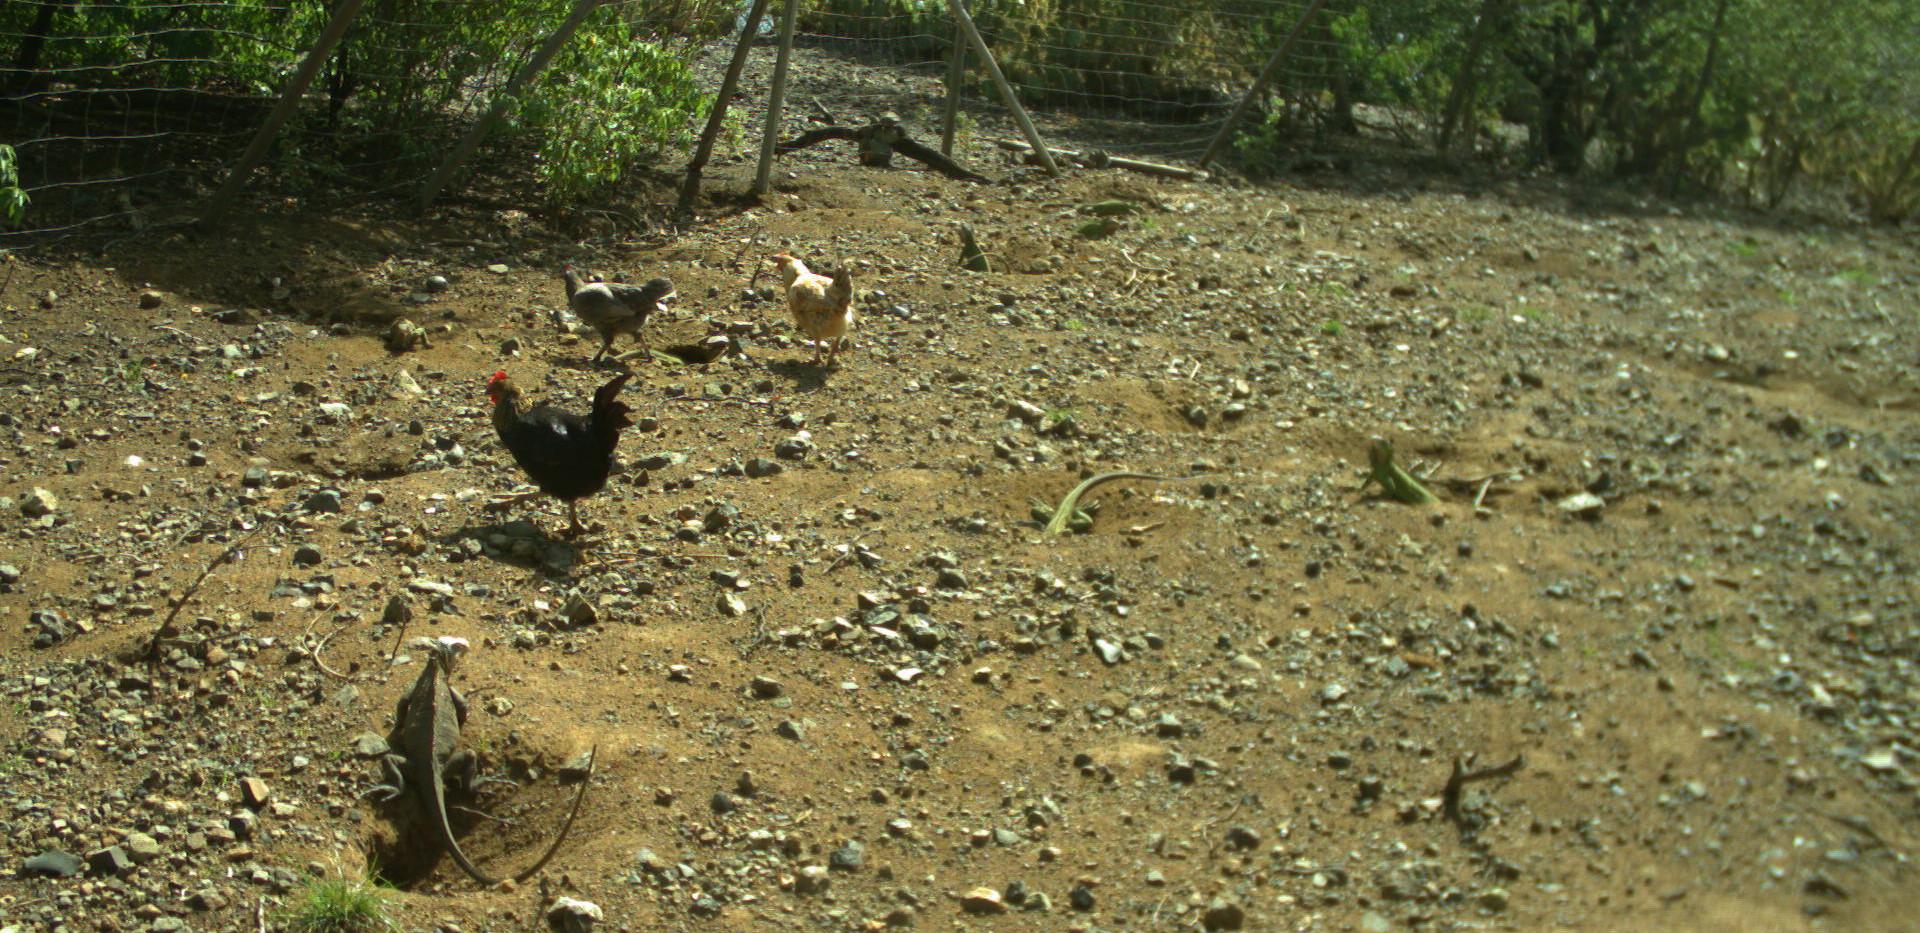 Poules autour des femelles iguane péyi